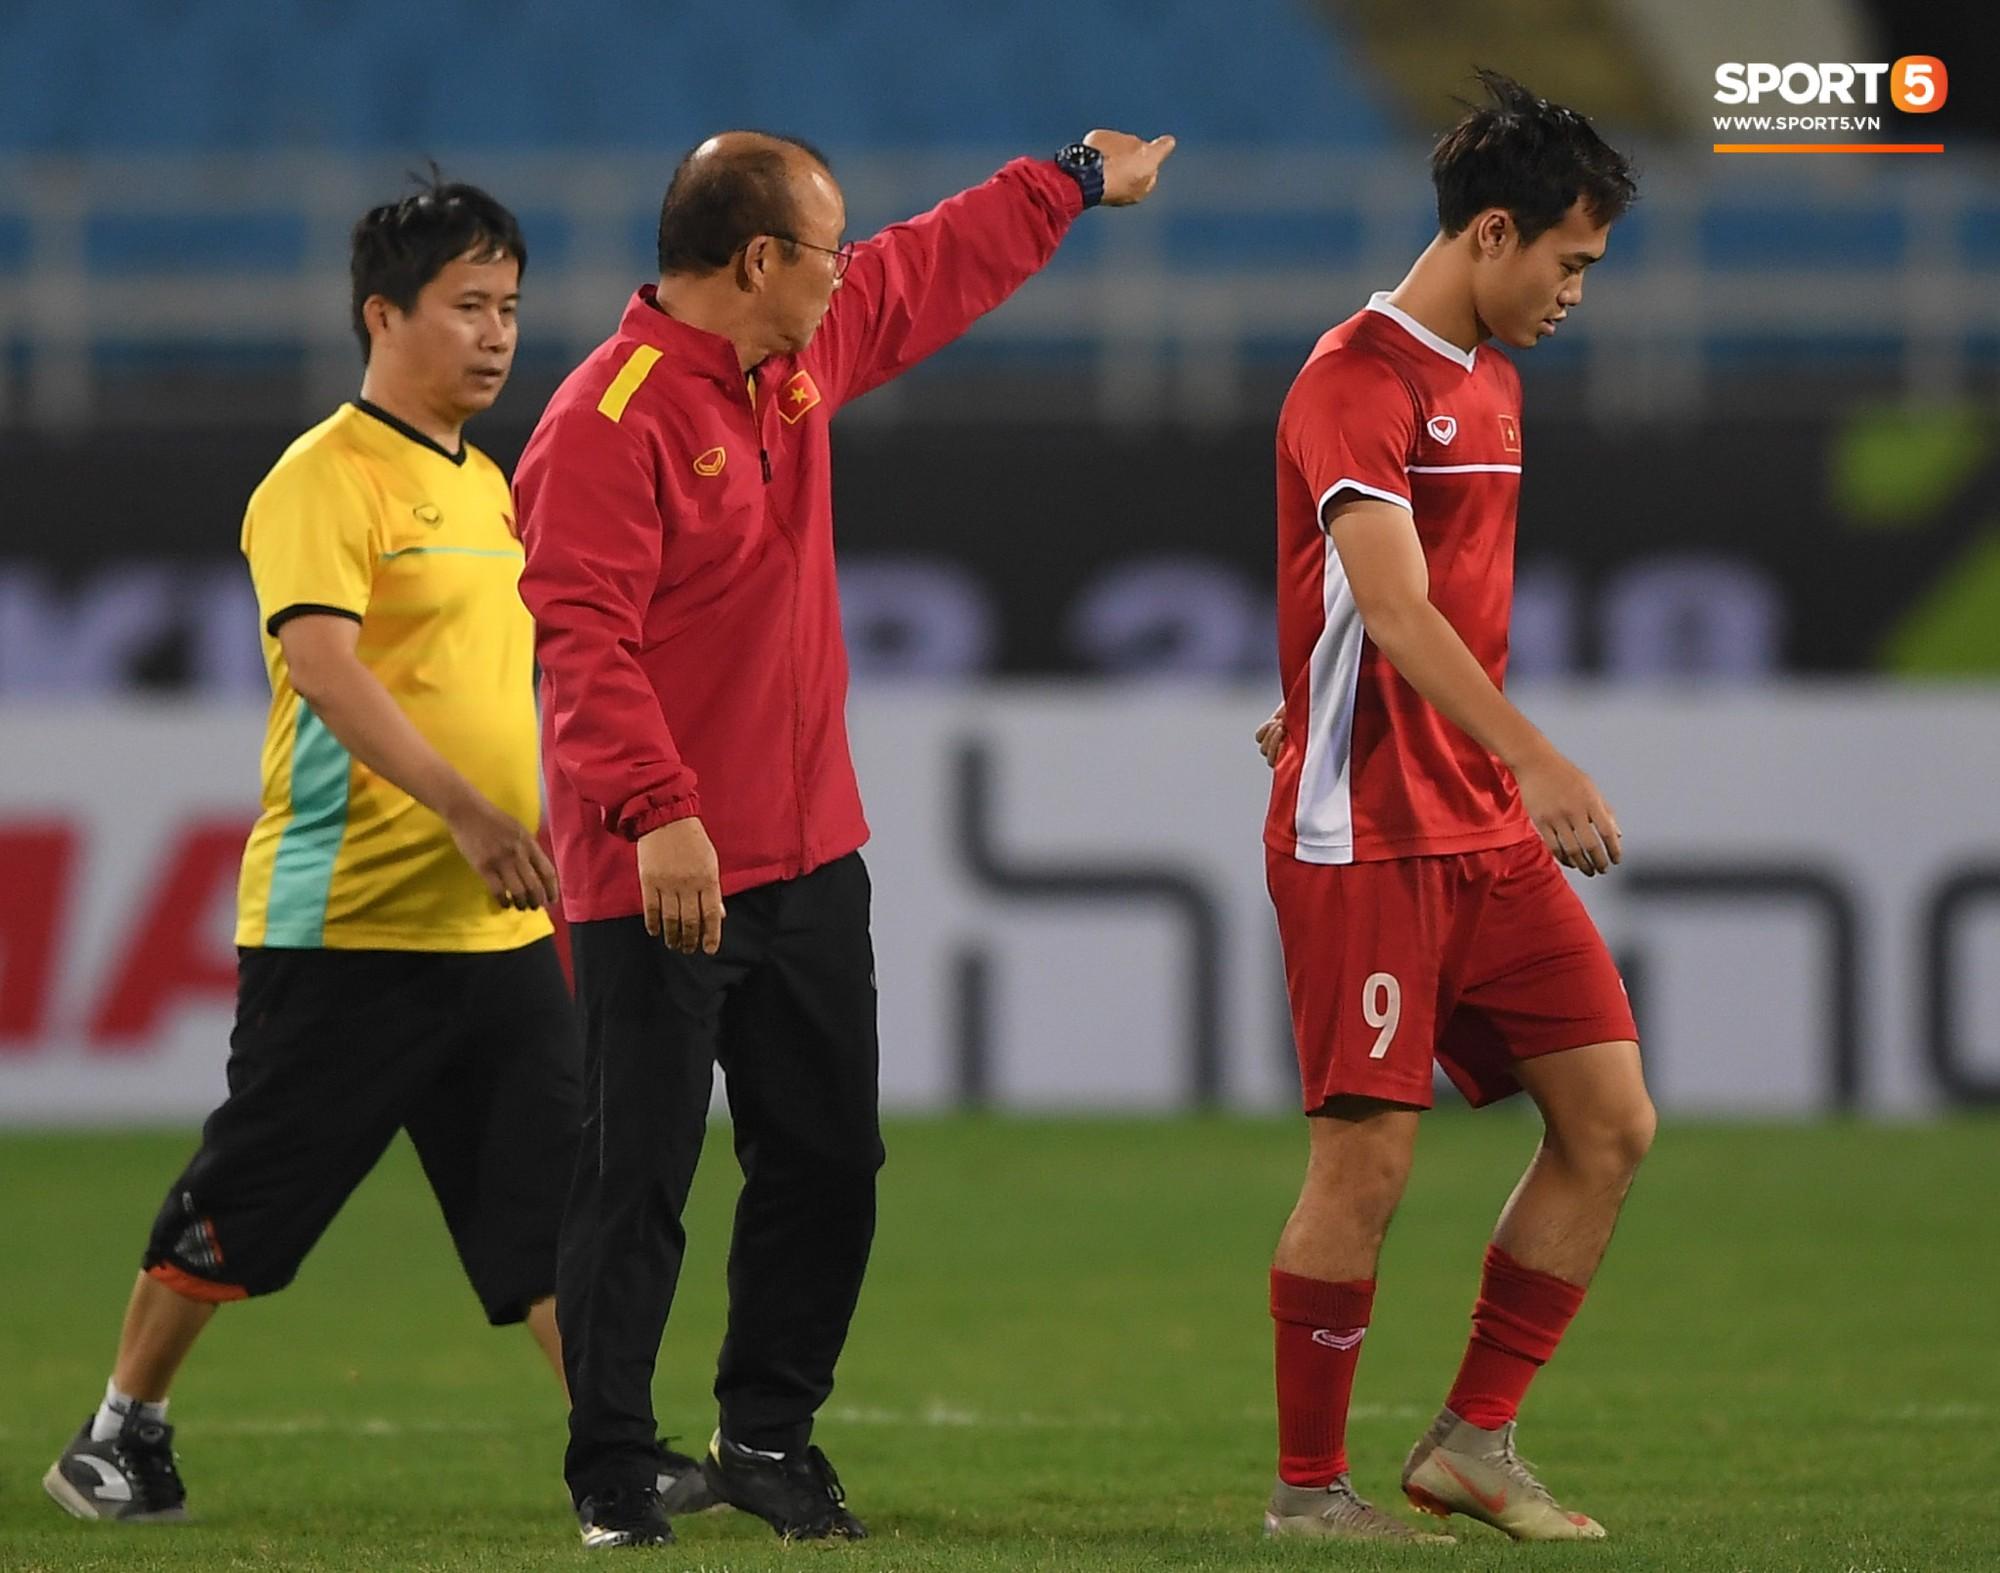 Văn Toàn tươi rói trong ngày trở lại, tuyển Việt Nam đón nhiều tin vui trước trận gặp Philippines-3